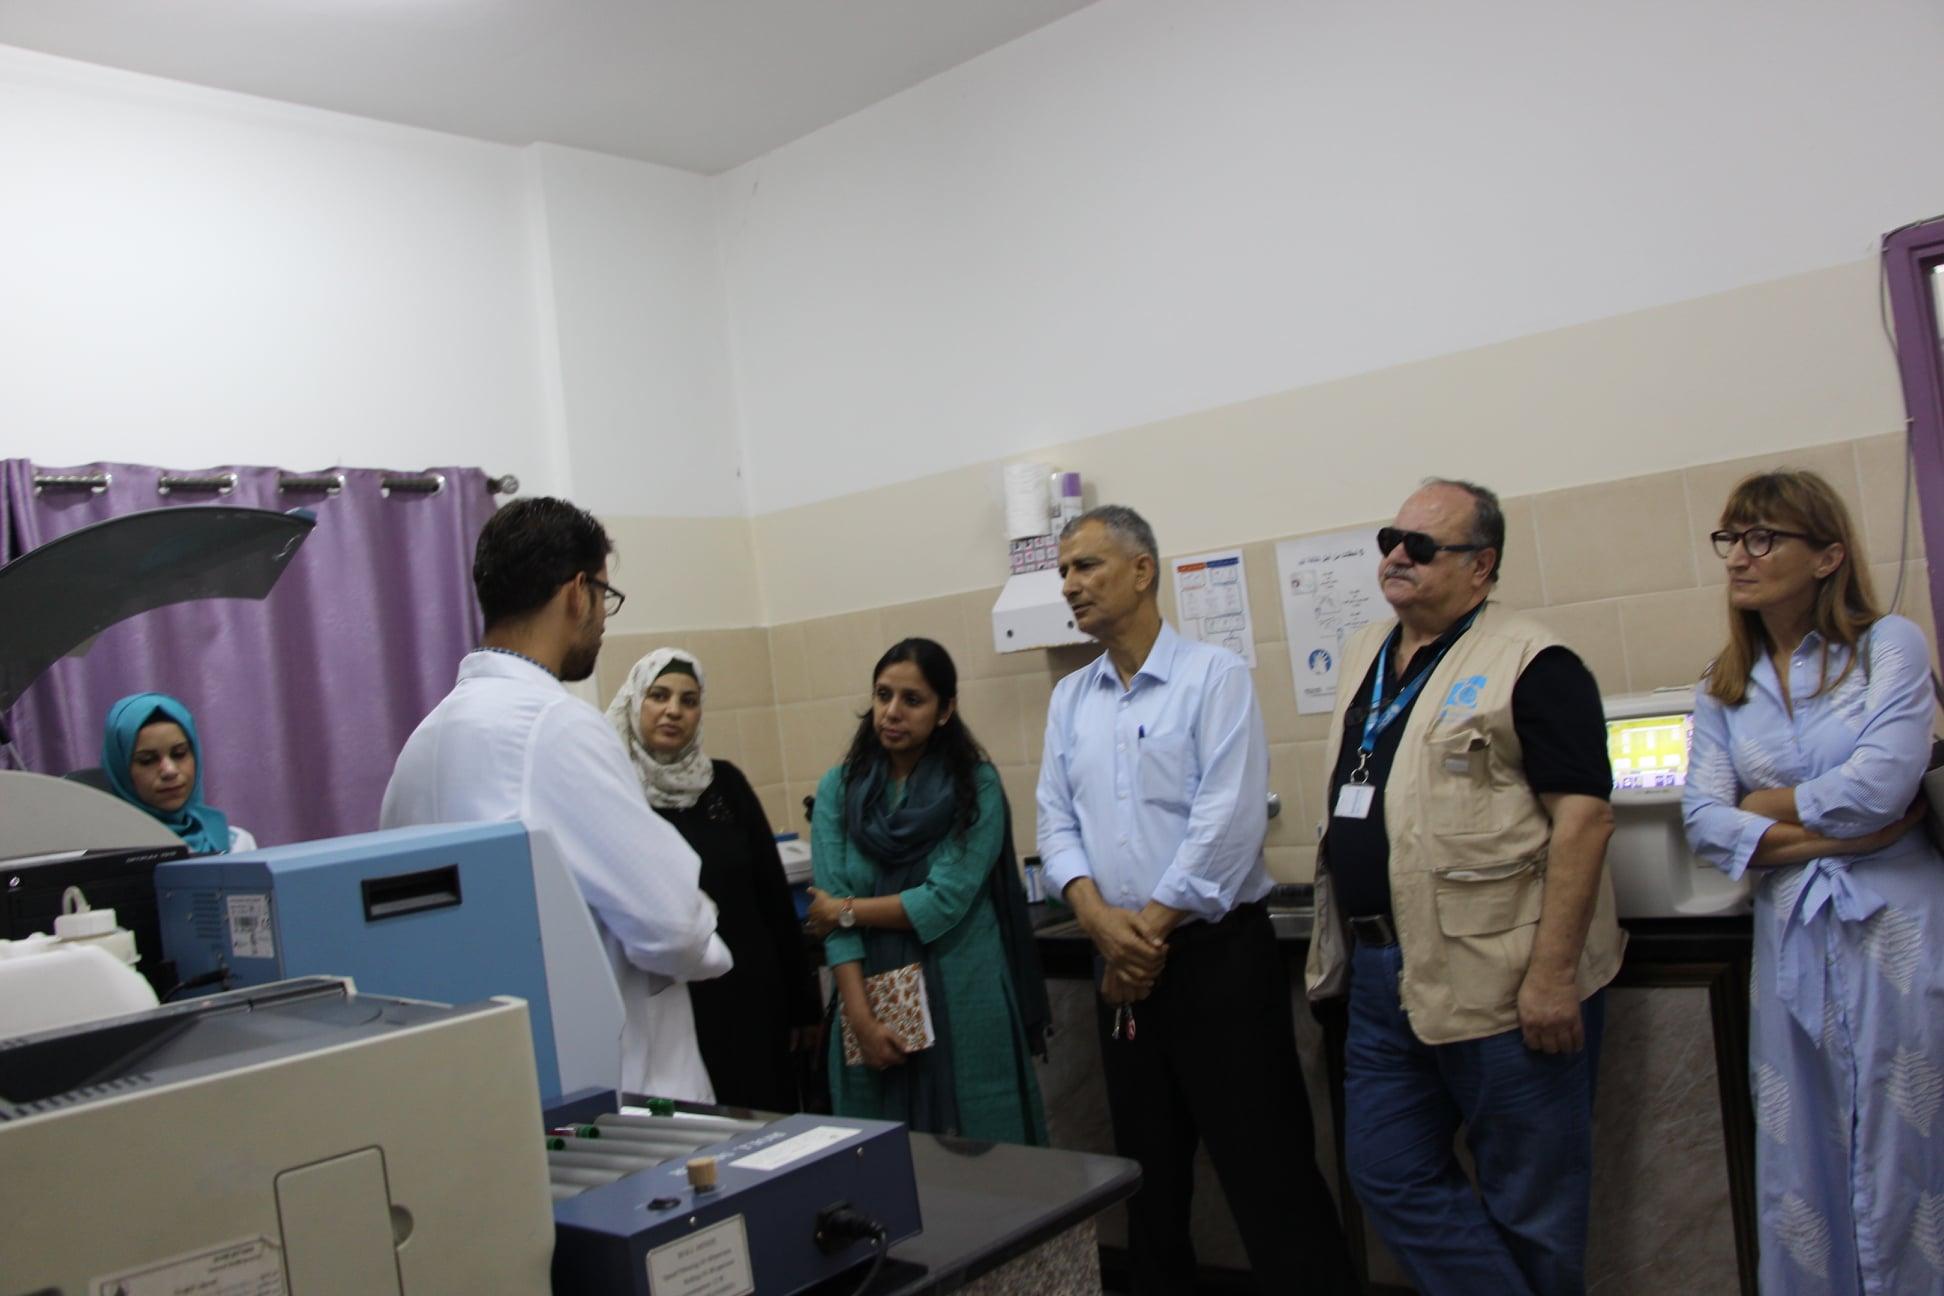 خلال أسابيع من زيارة سابقة مؤسسة اليونيسف تزور مركز جمعية ارض الانسان الفلسطينية